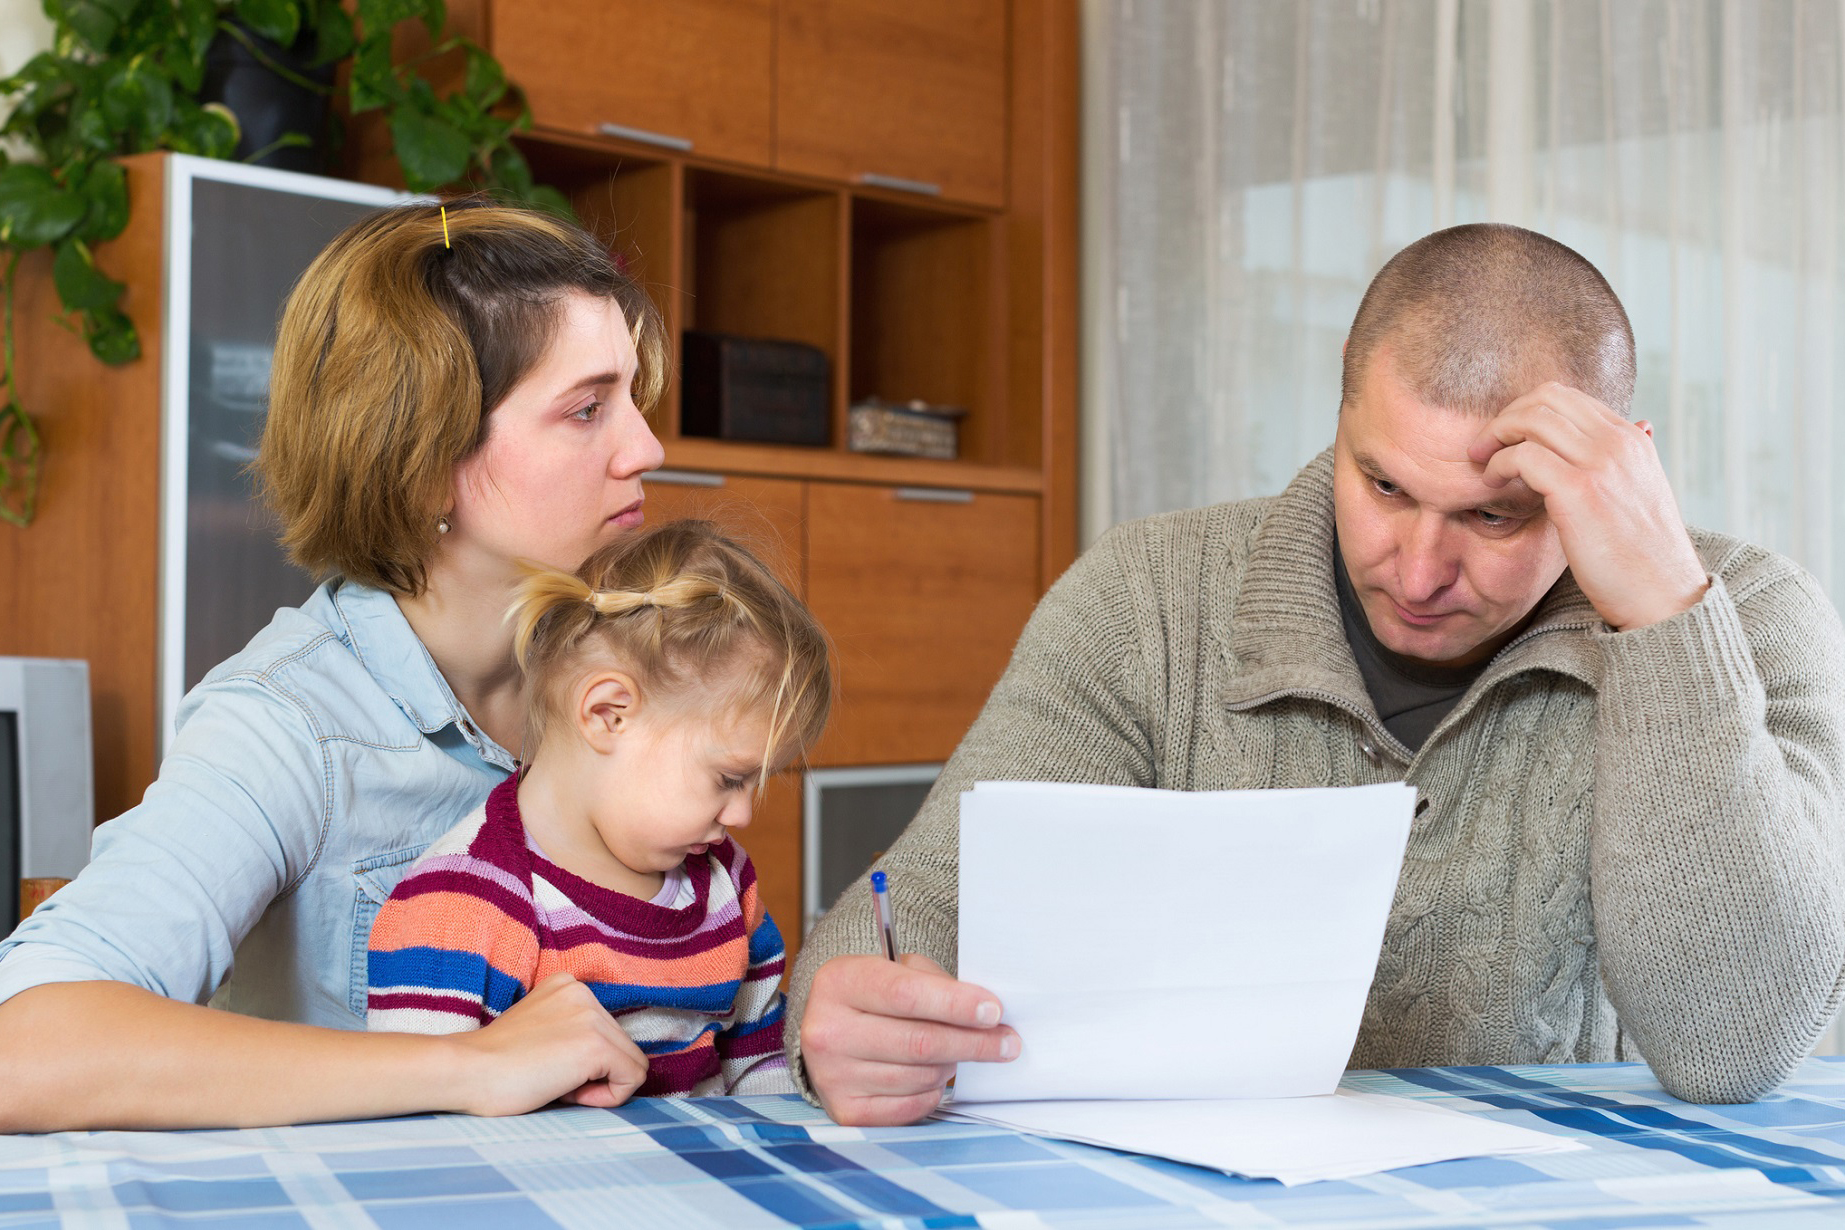 Famiglia alla presa con i conti da pagare